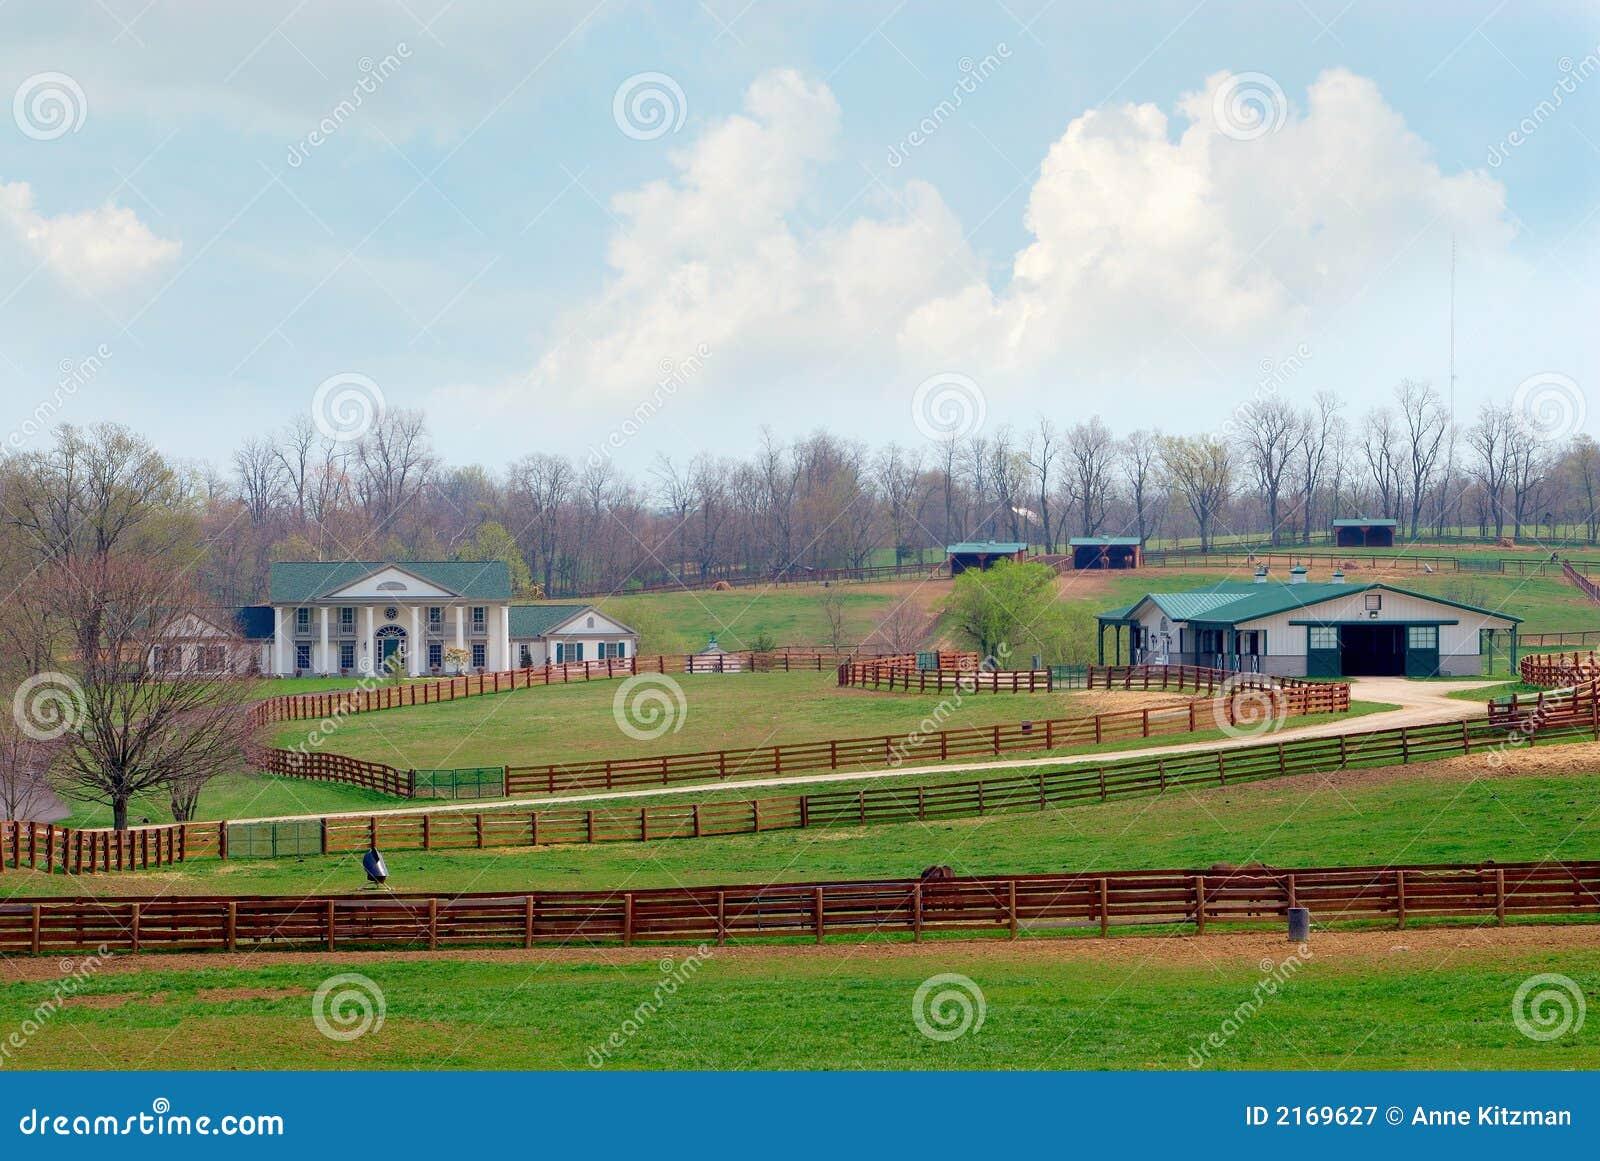 King Ranch Texas >> Kentucky Horse Ranch stock image. Image of farm ...